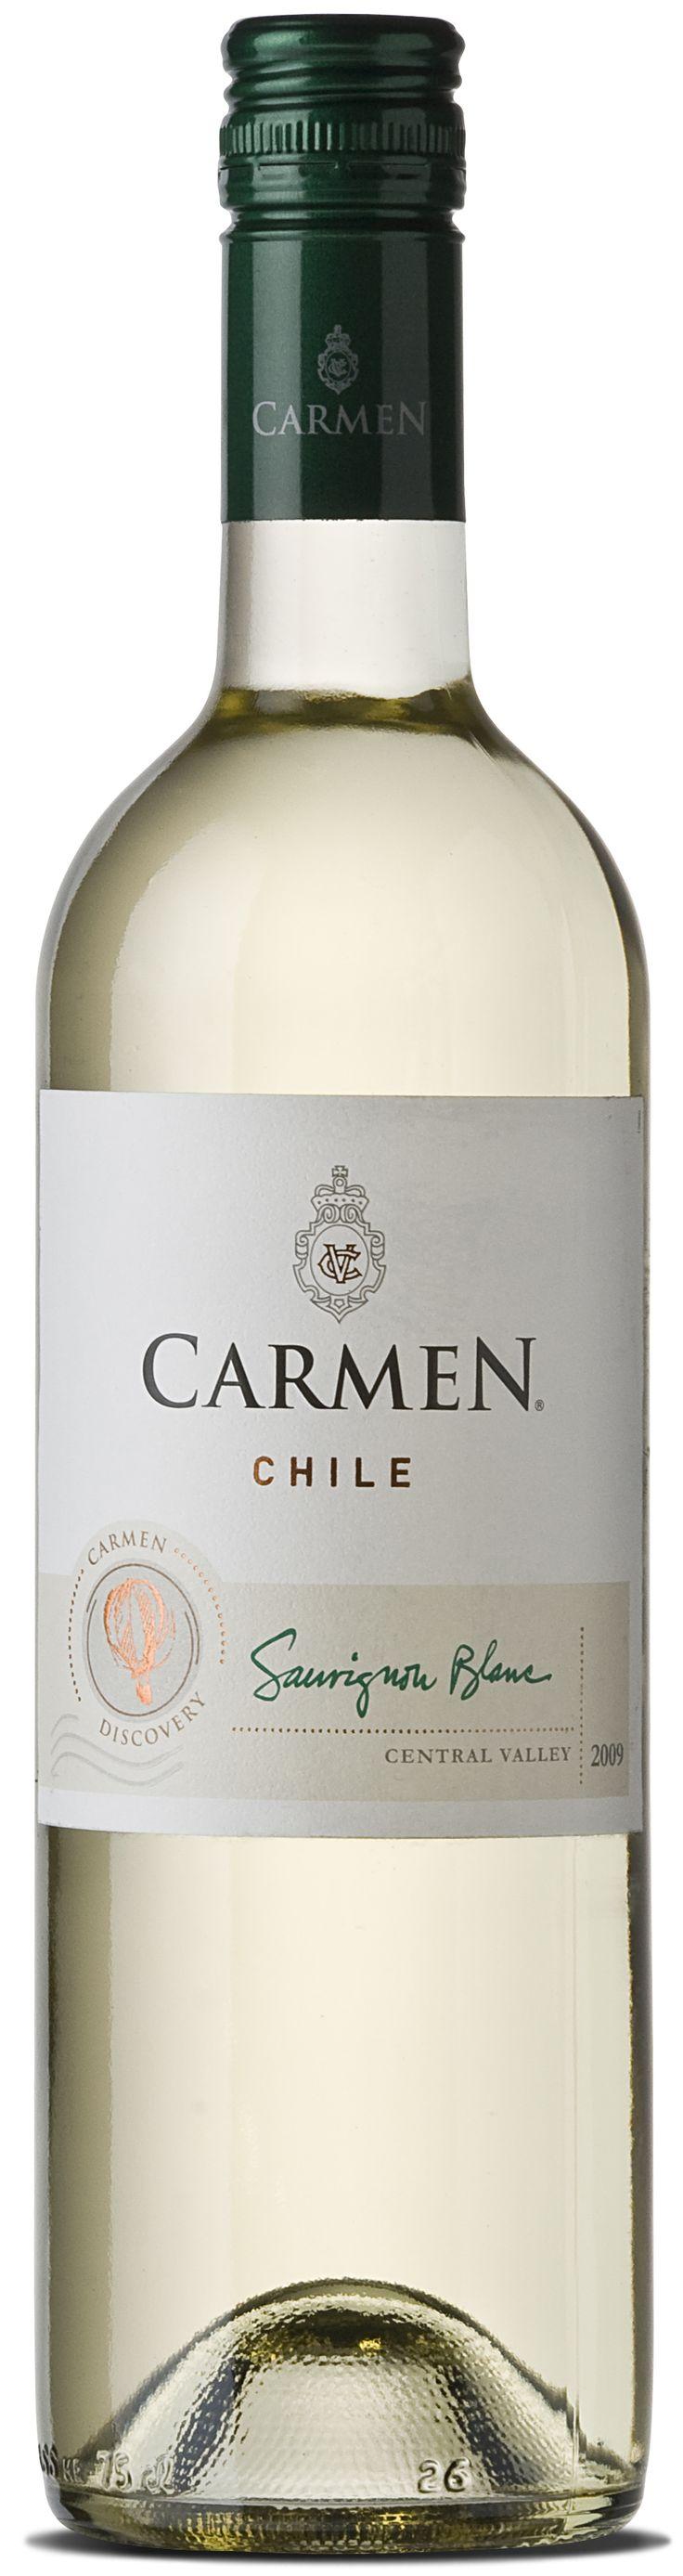 Carmen Clásico Sauvignon Blanc